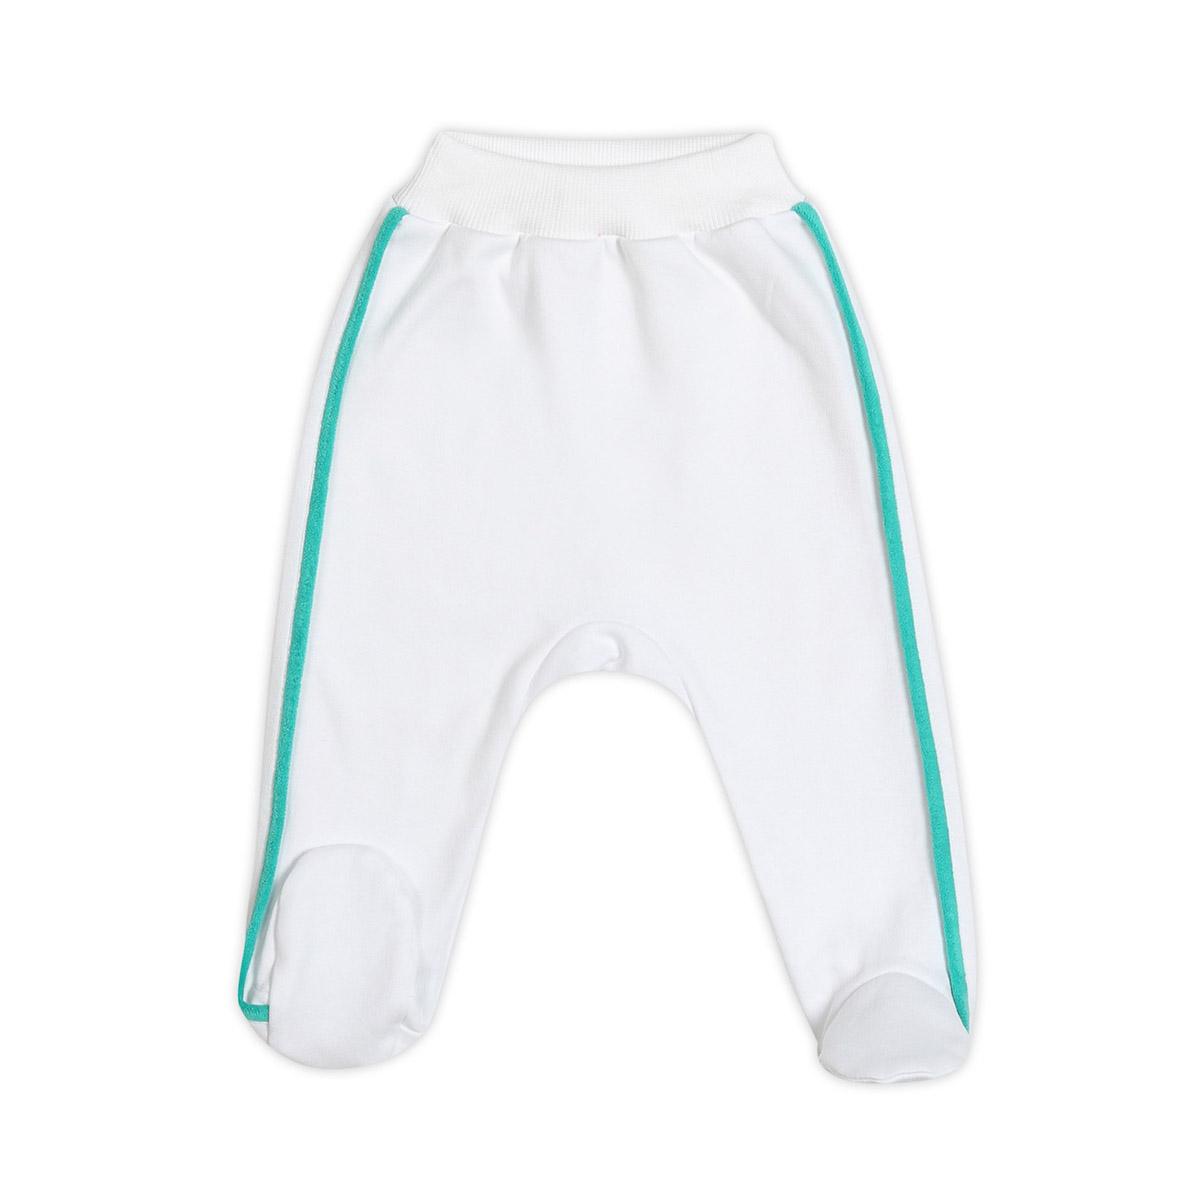 Ползунки с ножками Ёмаё Спорт (26-265) рост 74 белый<br>